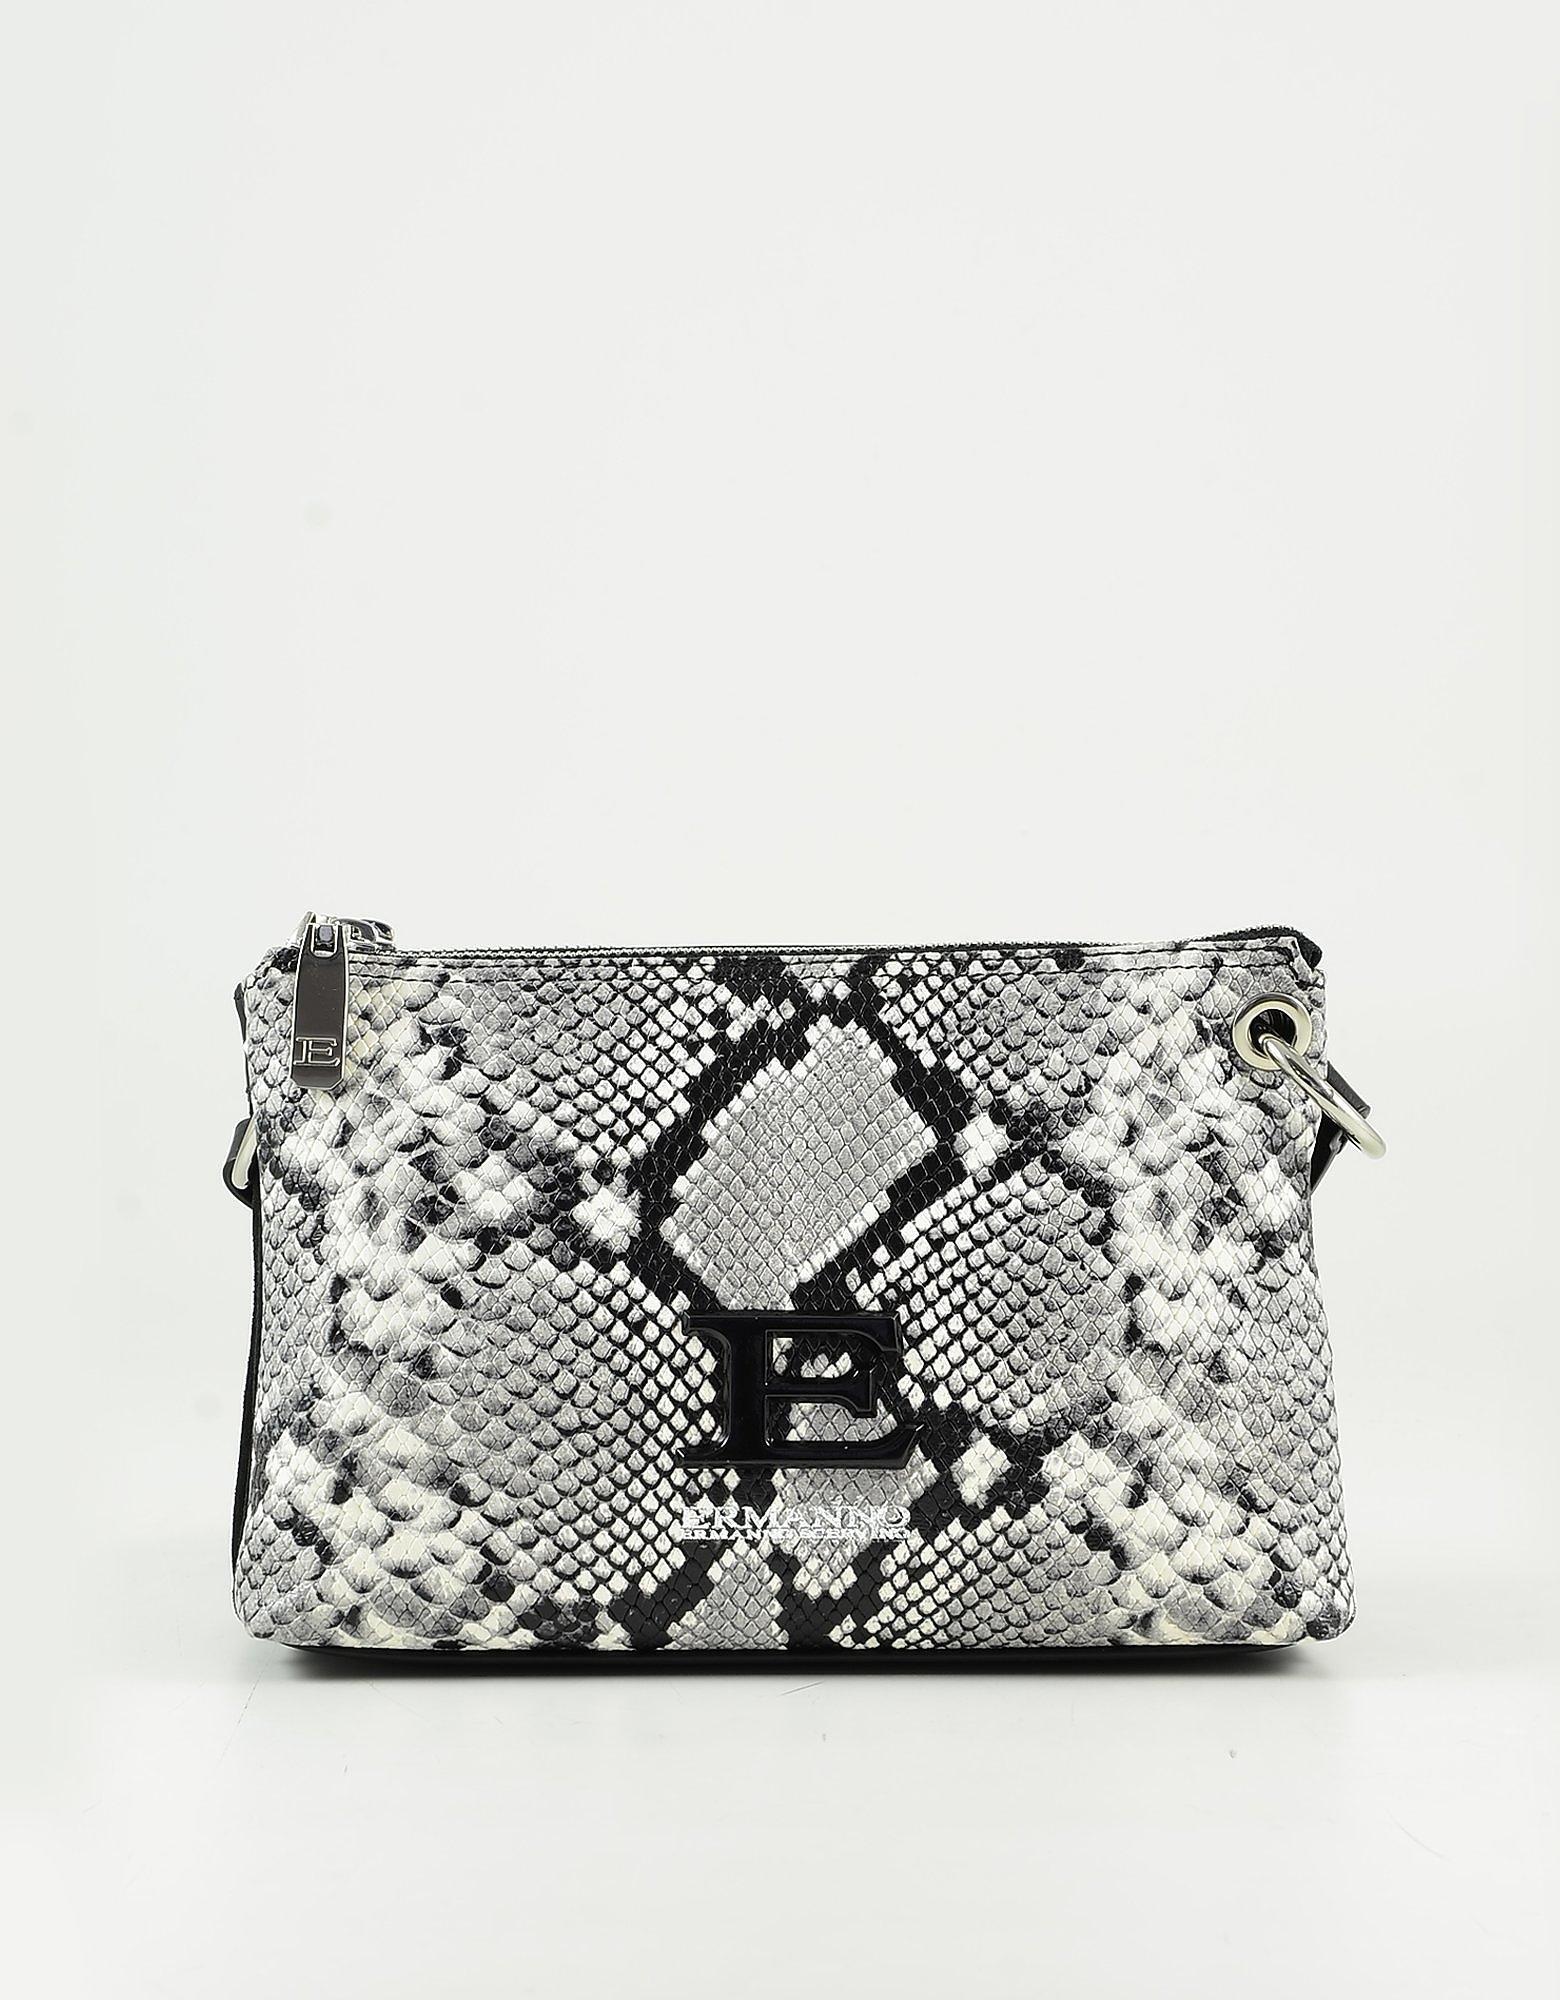 Ermanno Scervino Gray Python Embossed Leather Shoulder Bag